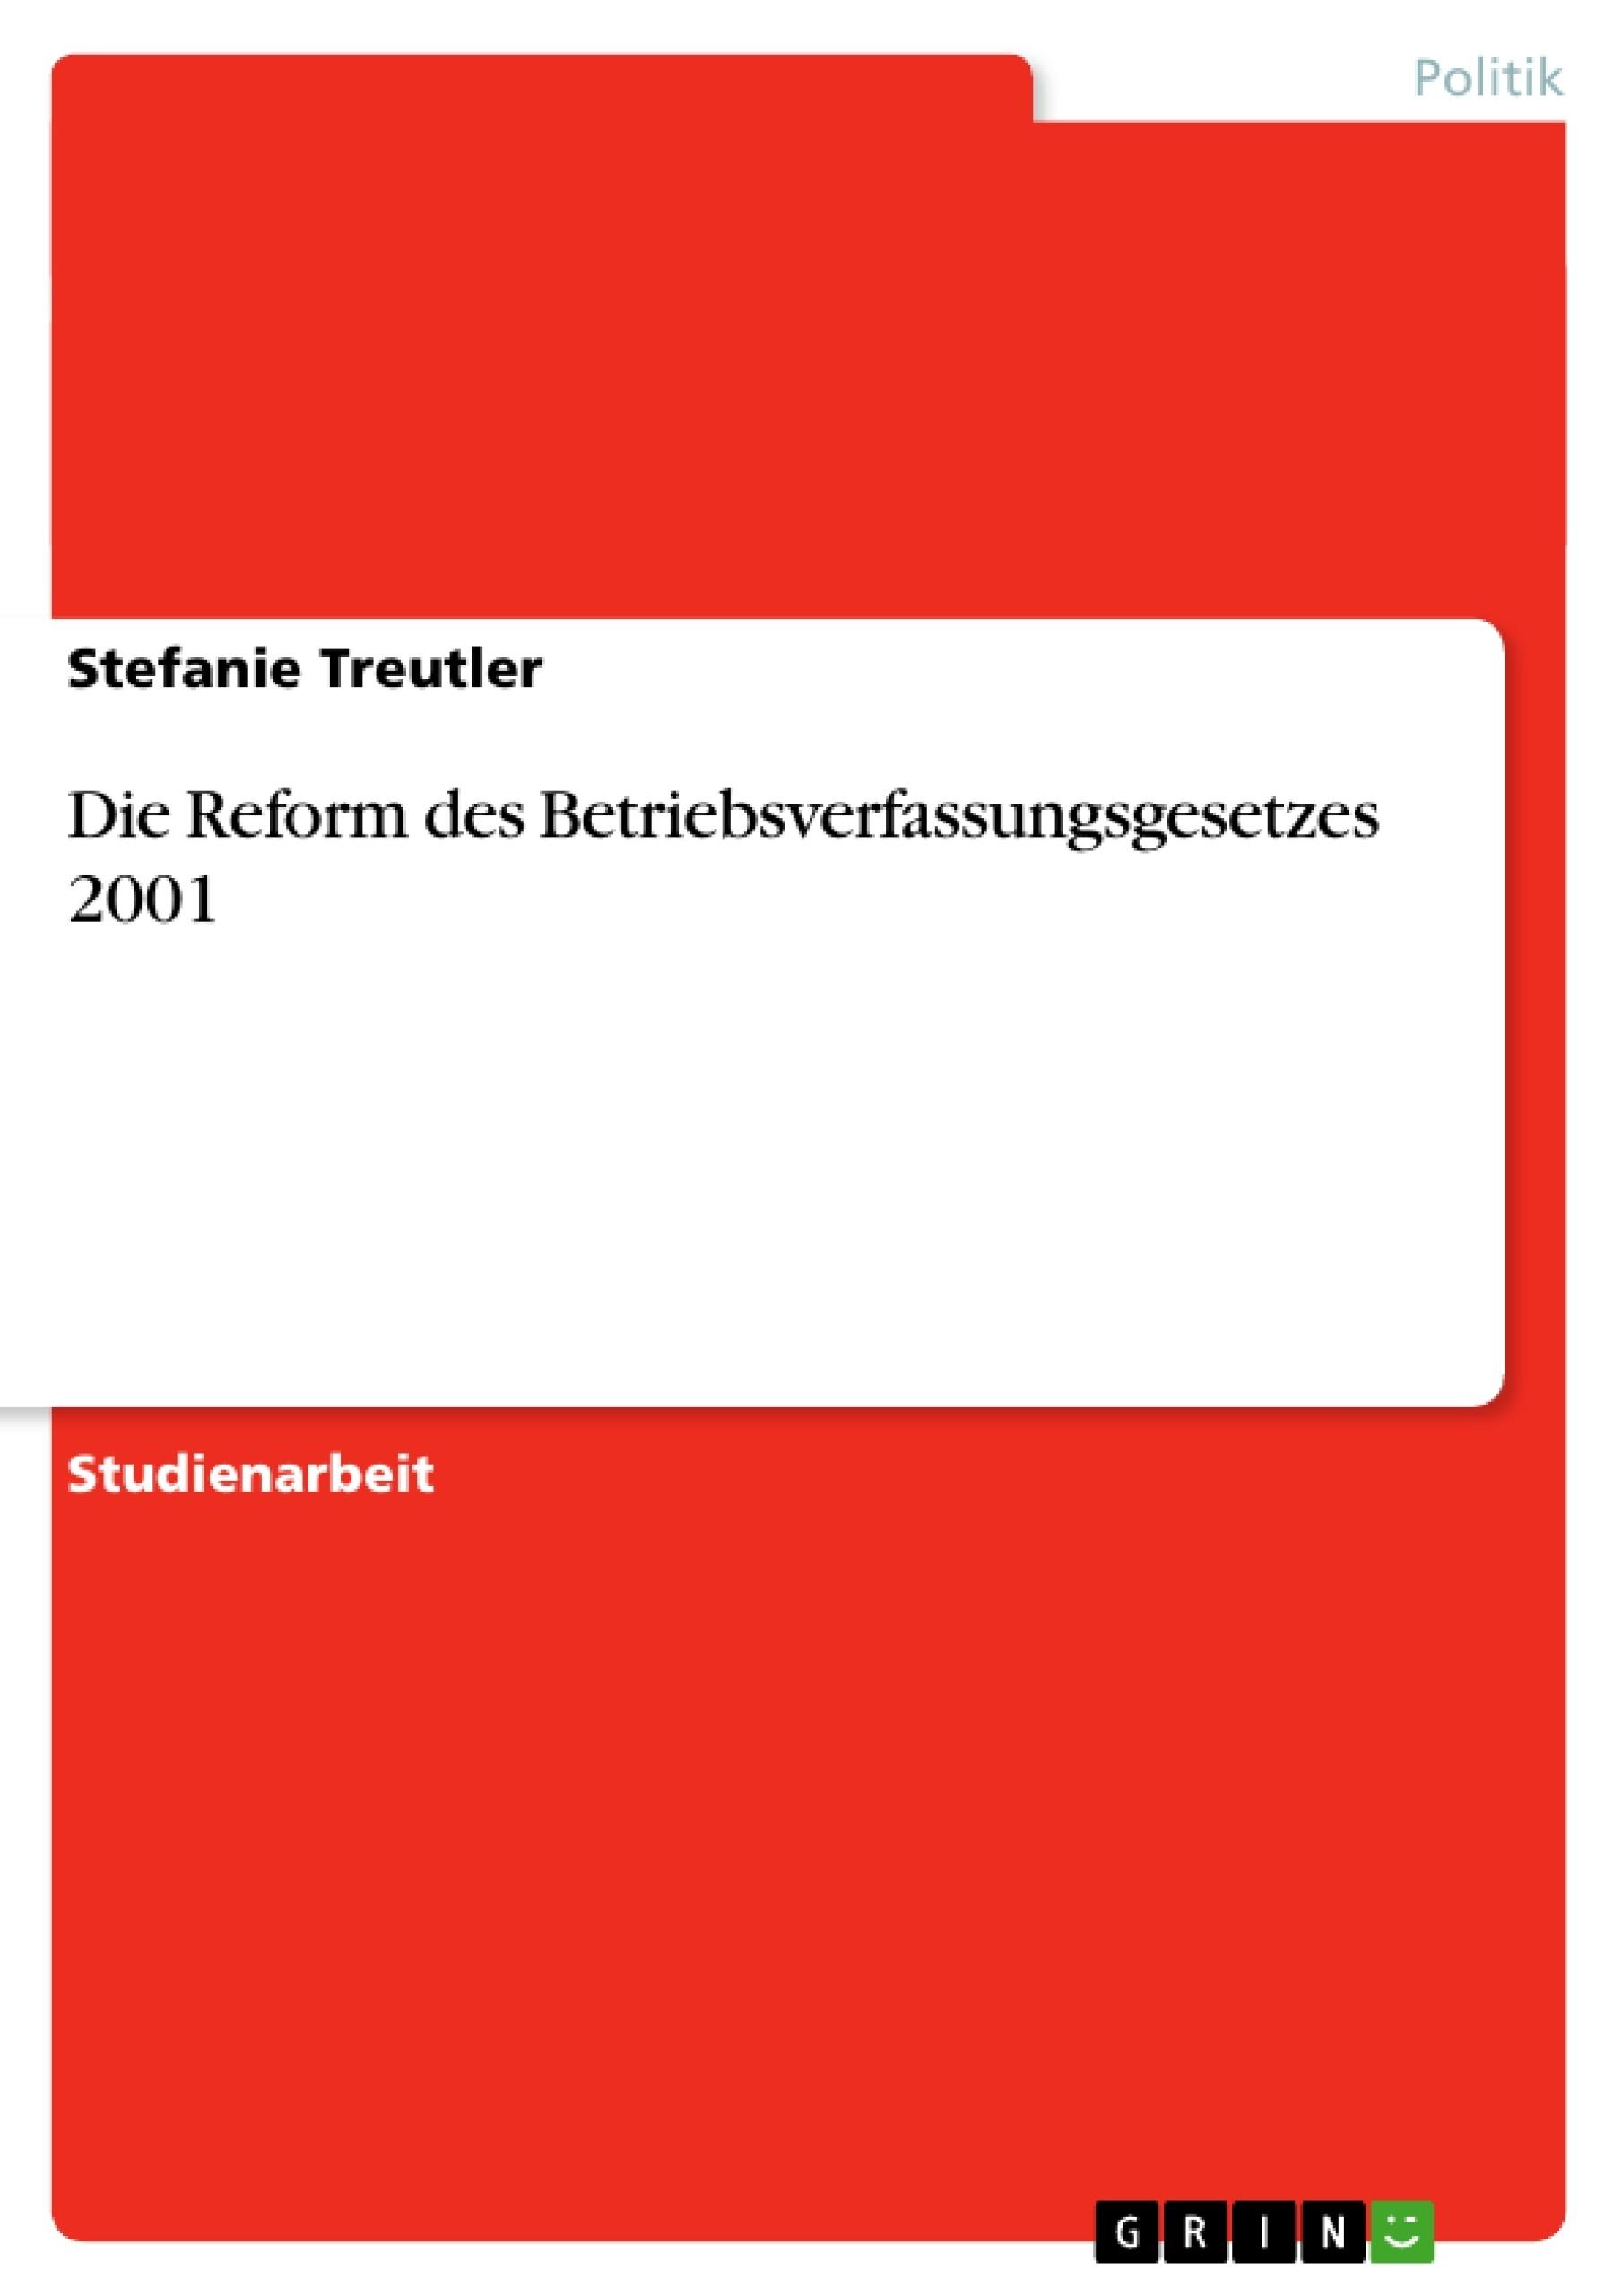 Titel: Die Reform des Betriebsverfassungsgesetzes 2001